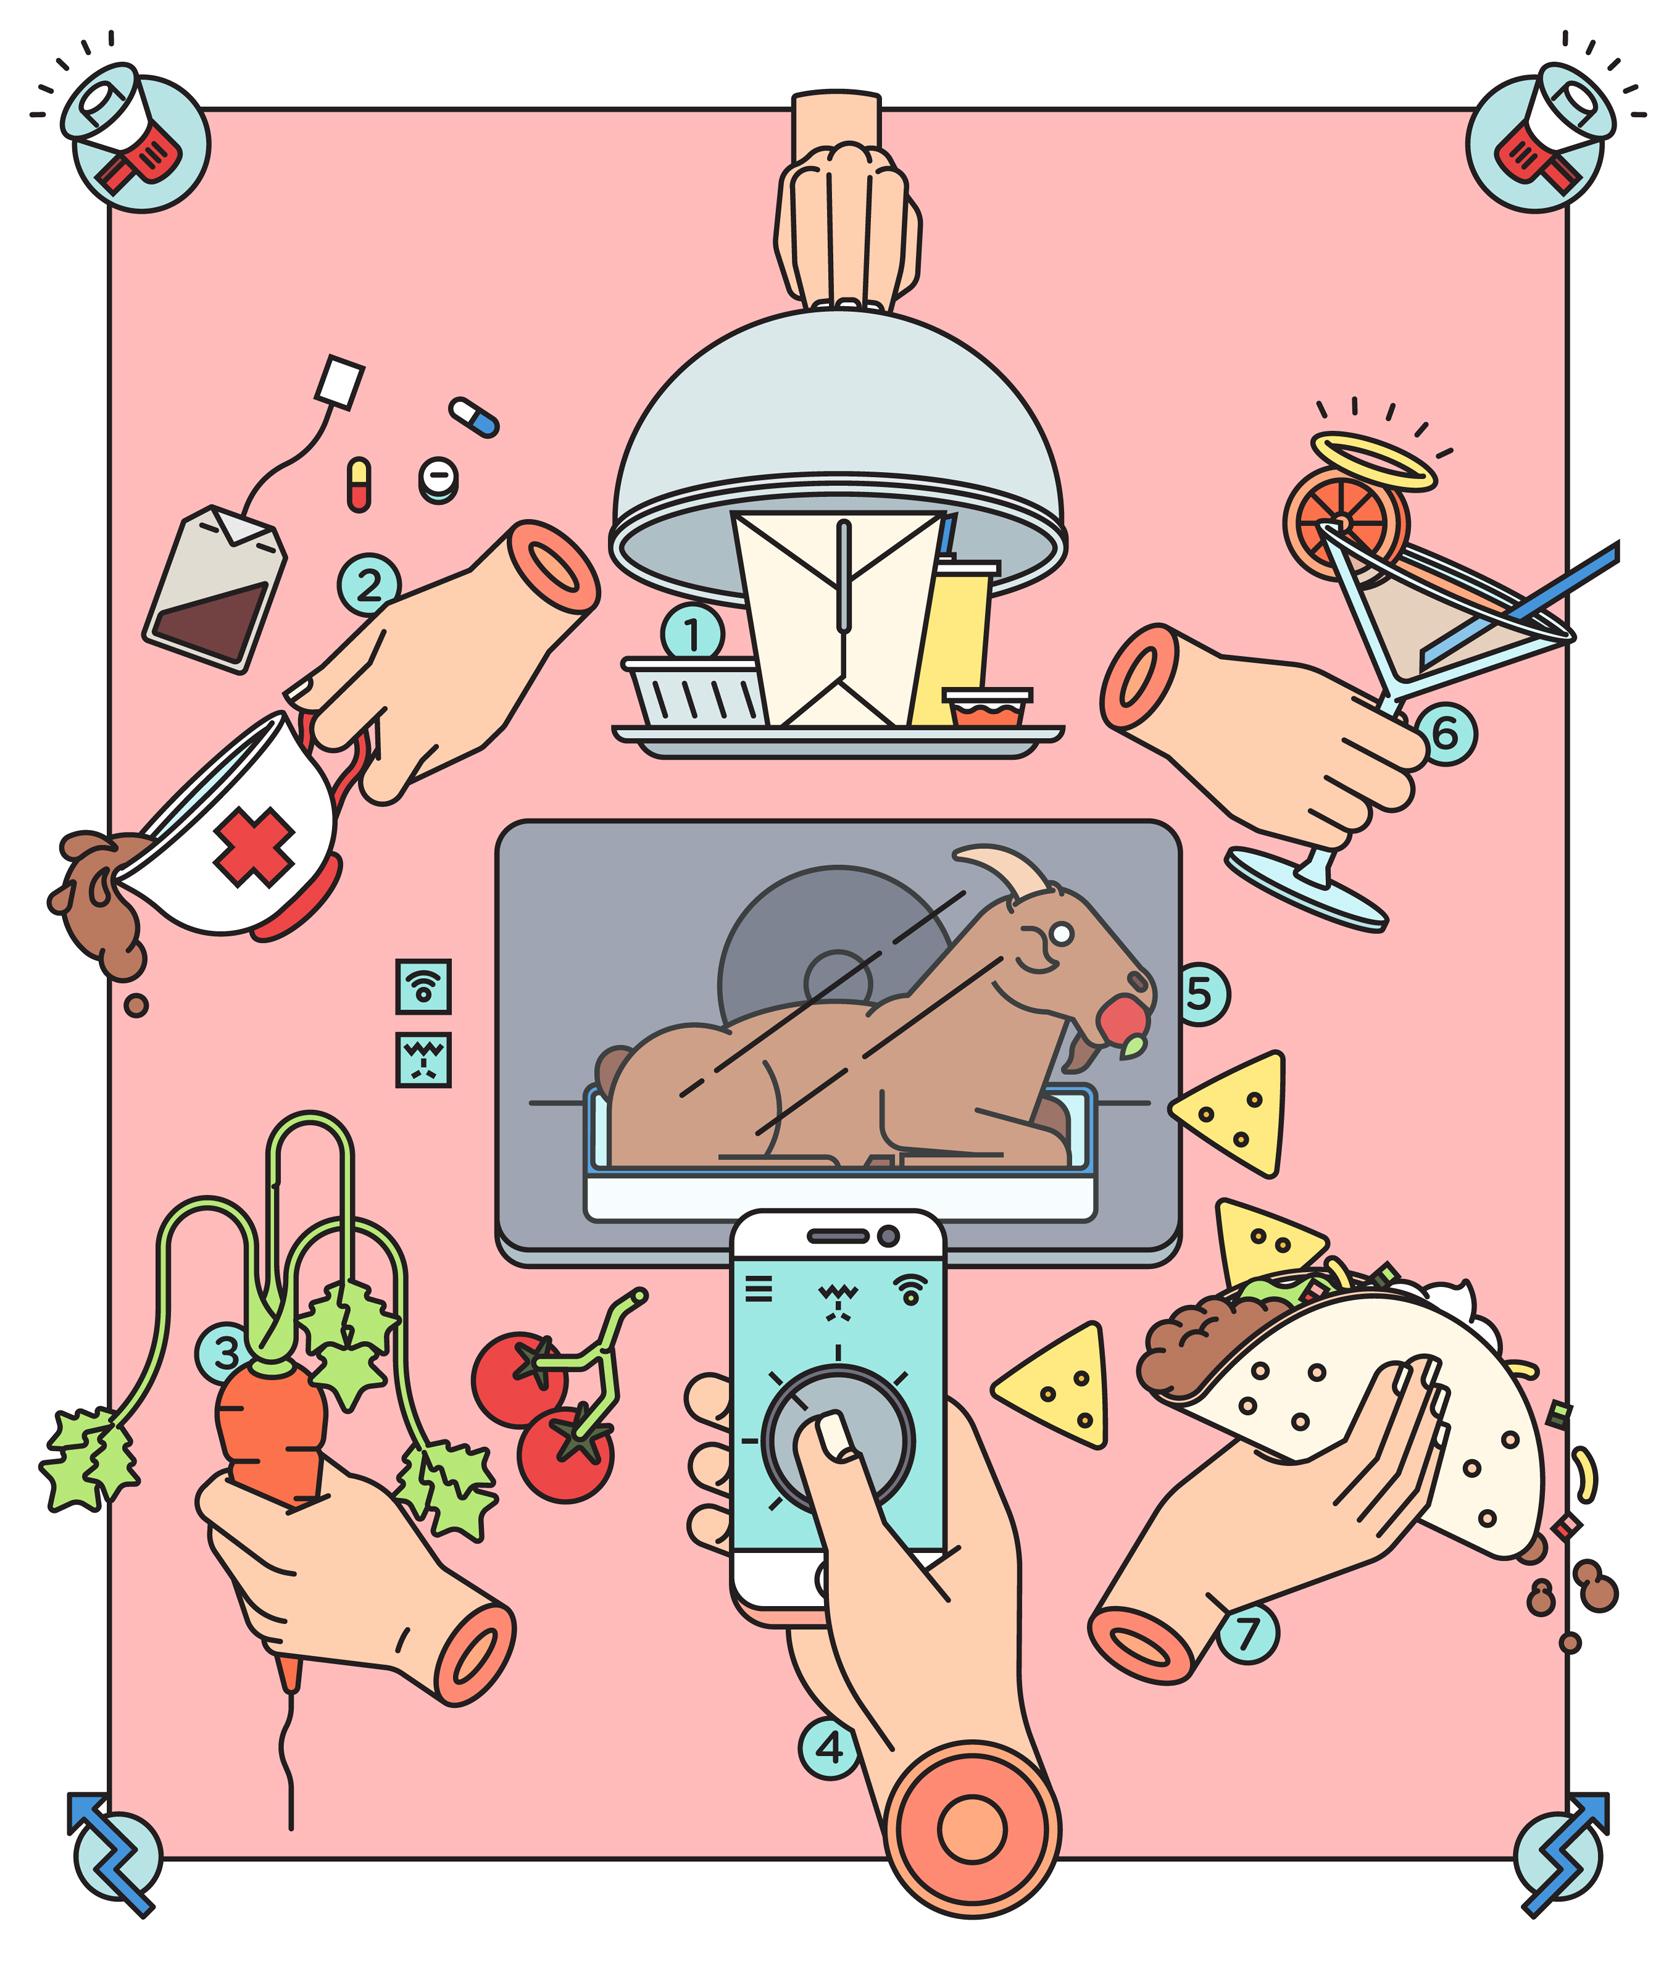 78_ST_Food trends-01.jpg